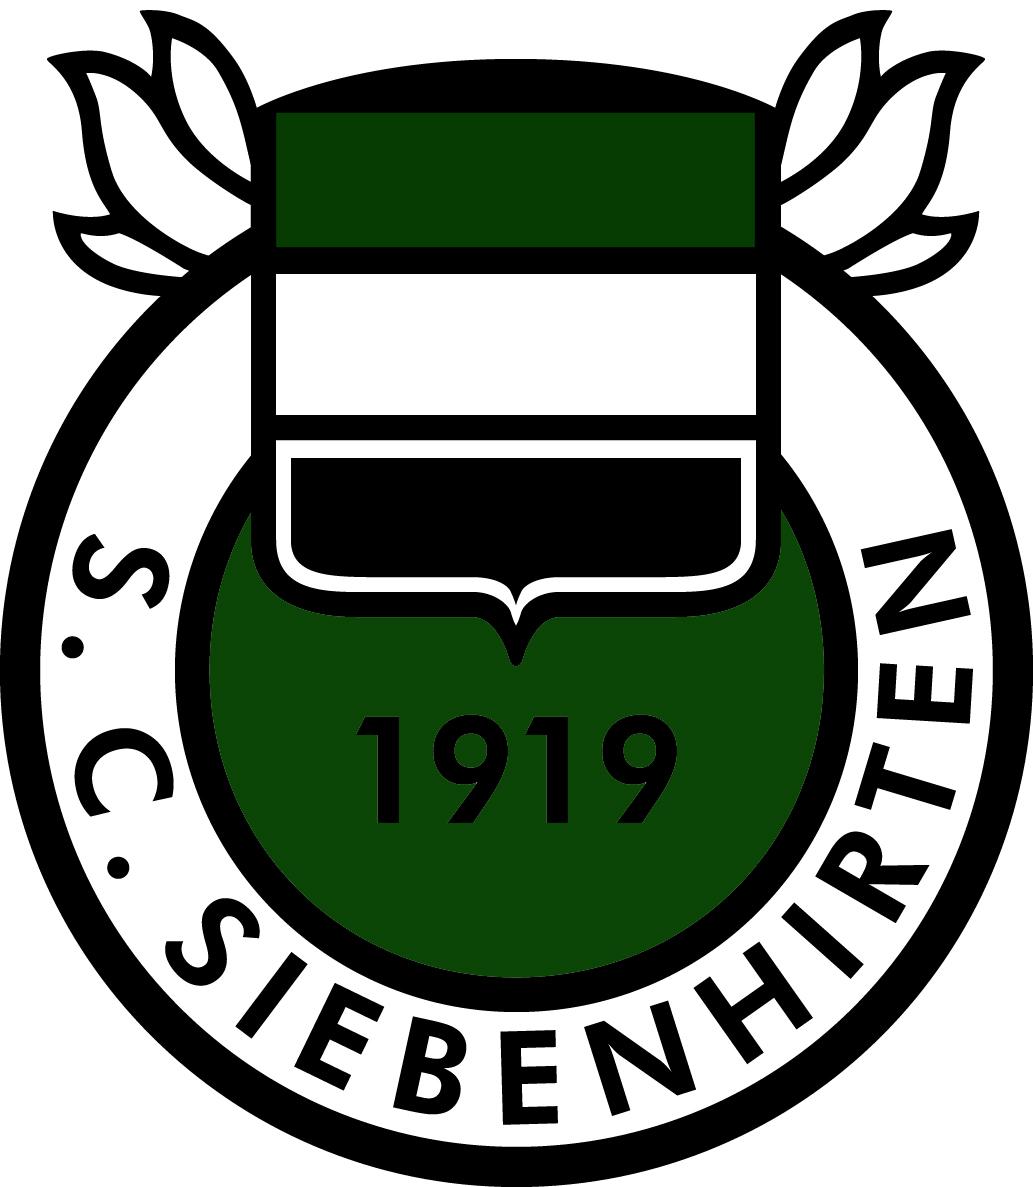 Siebenhirten/Wien SC.